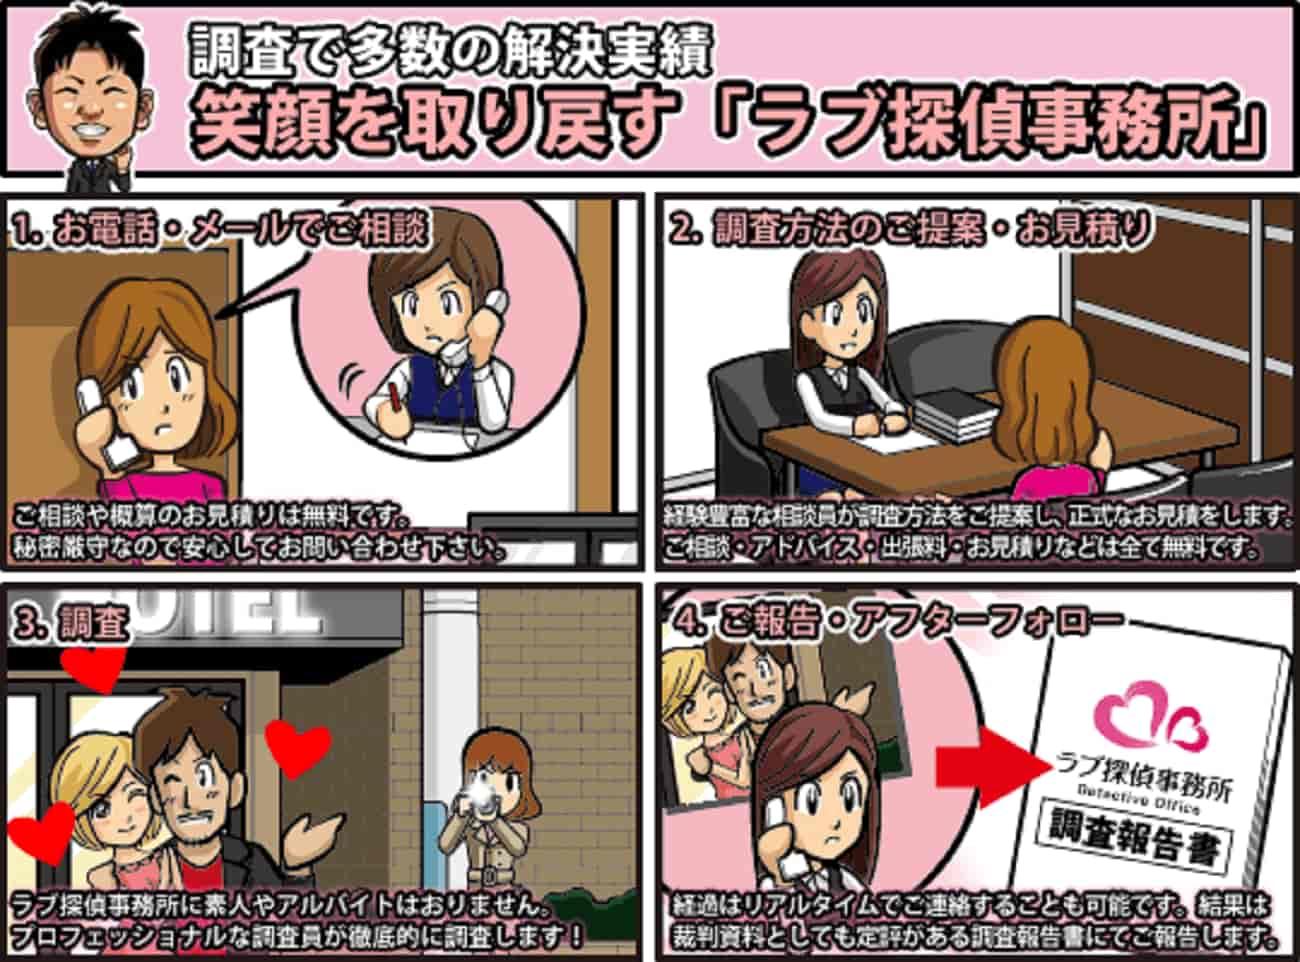 ラブ探偵事務所は千葉県船橋市の相談お見積り無料